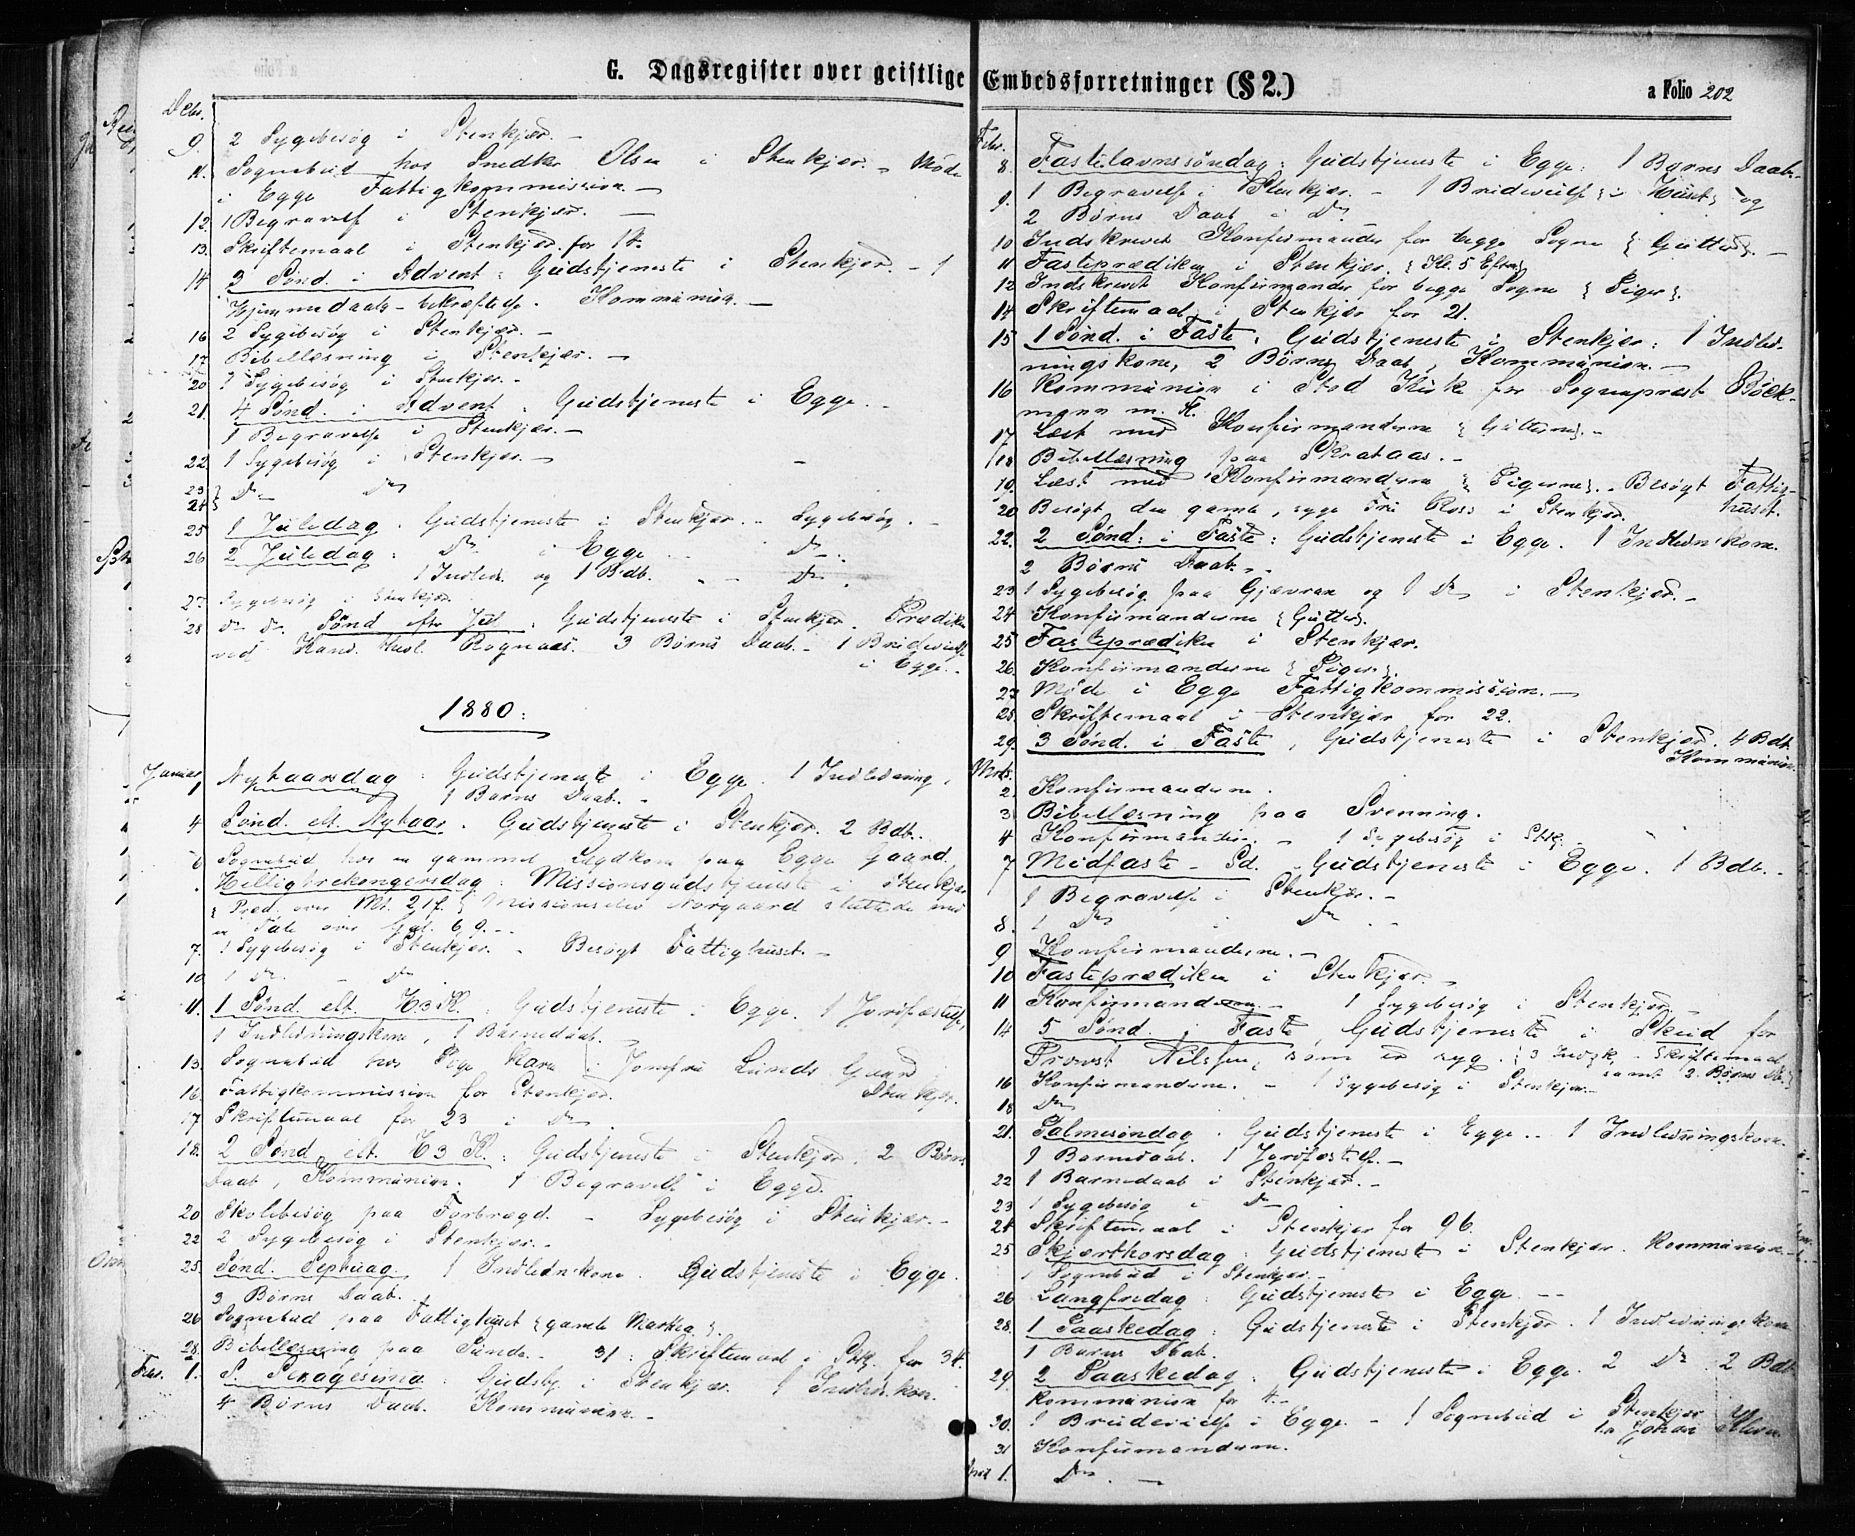 SAT, Ministerialprotokoller, klokkerbøker og fødselsregistre - Nord-Trøndelag, 739/L0370: Ministerialbok nr. 739A02, 1868-1881, s. 202